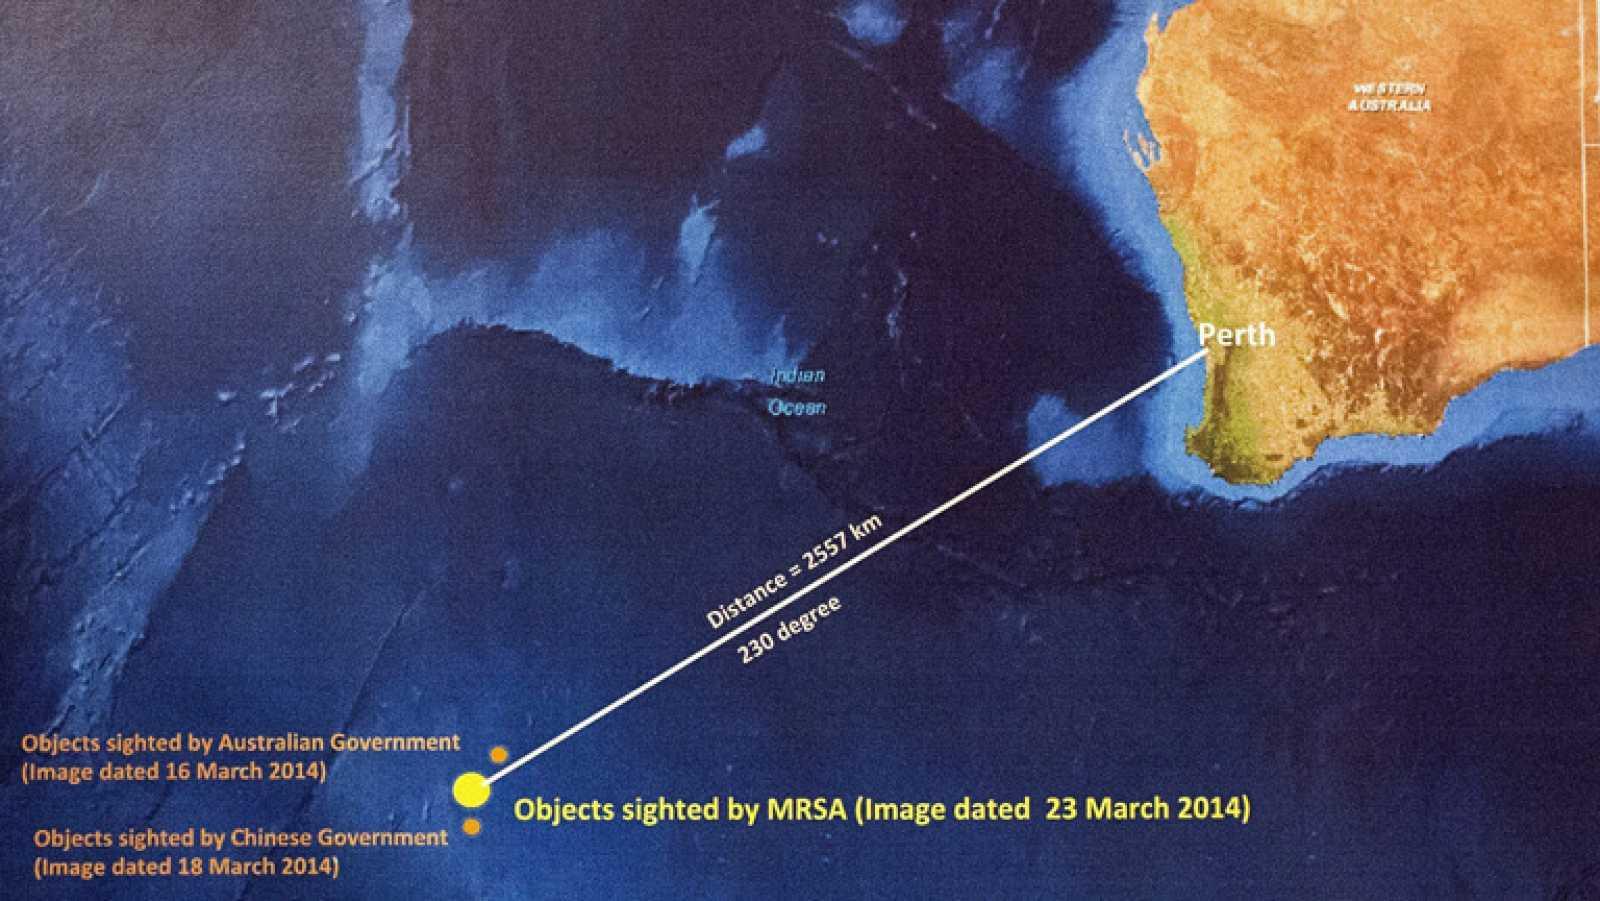 Se reanuda la búsqueda del avión de Malaysia Airlines desaparecido ...